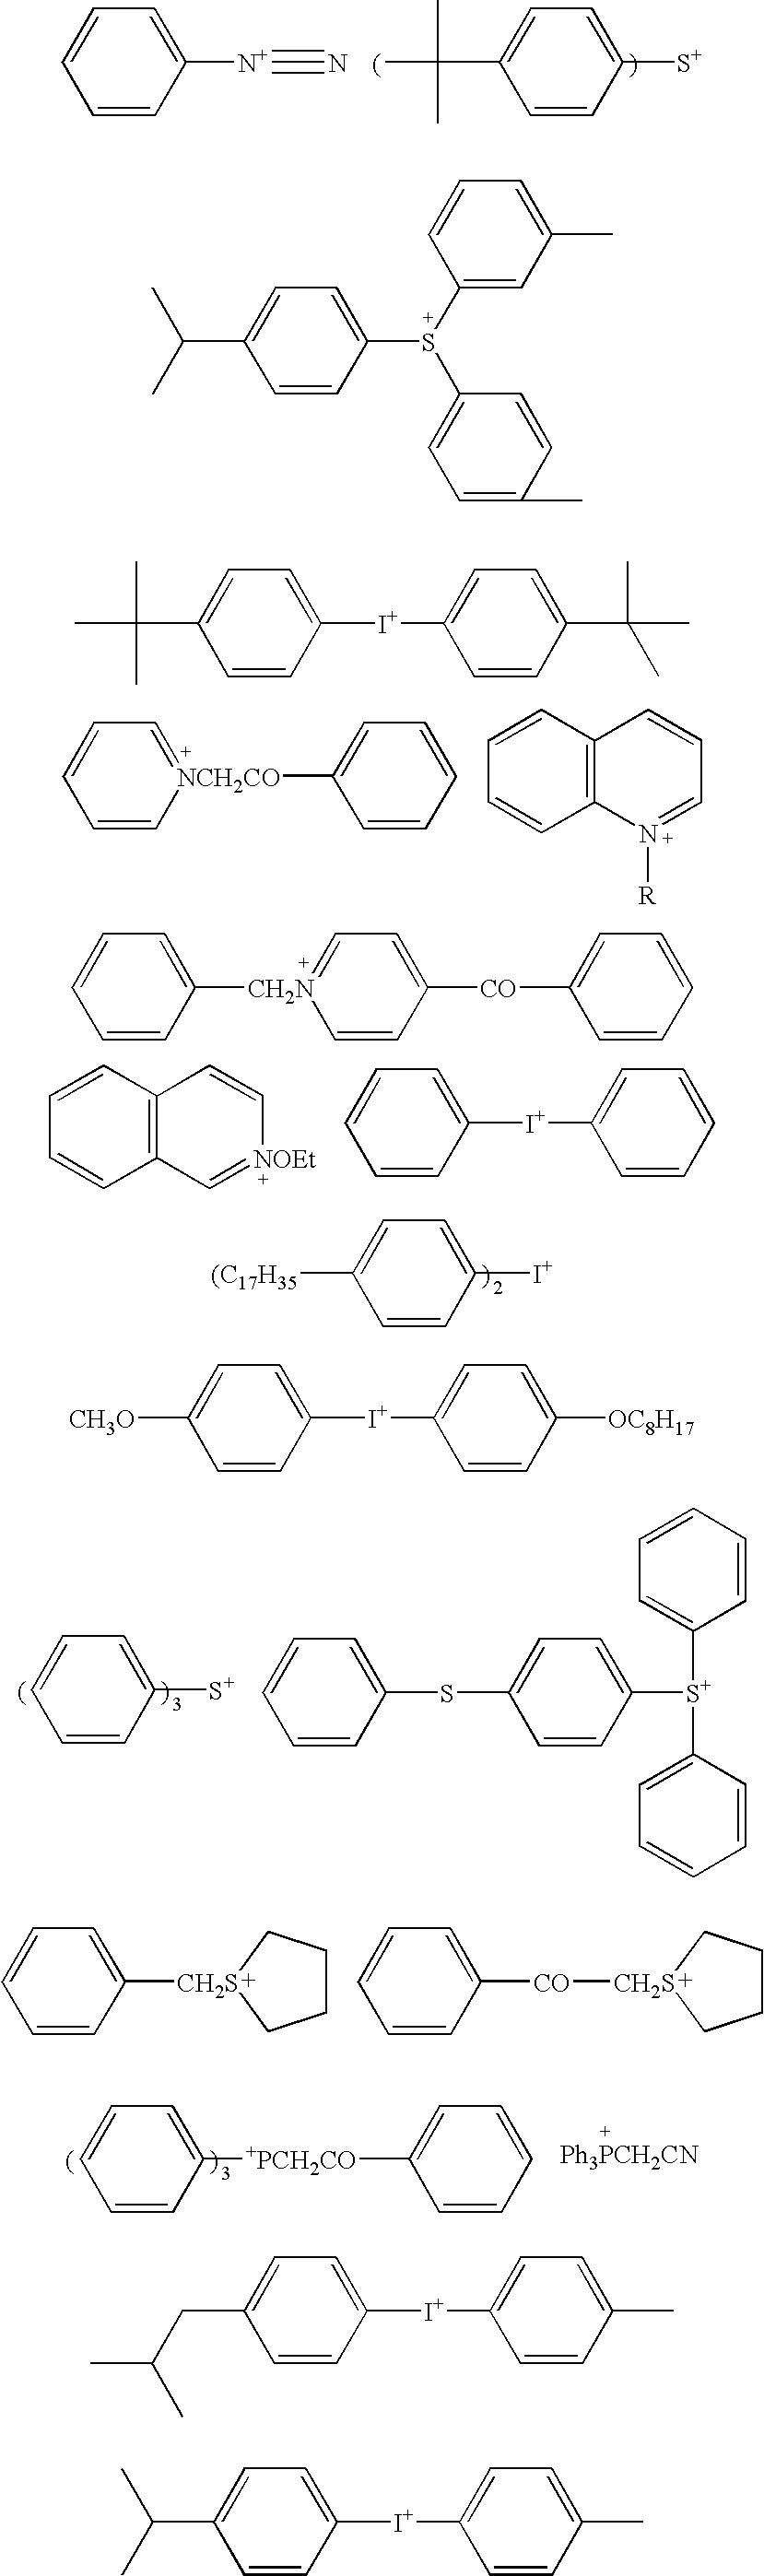 Figure US07604343-20091020-C00033